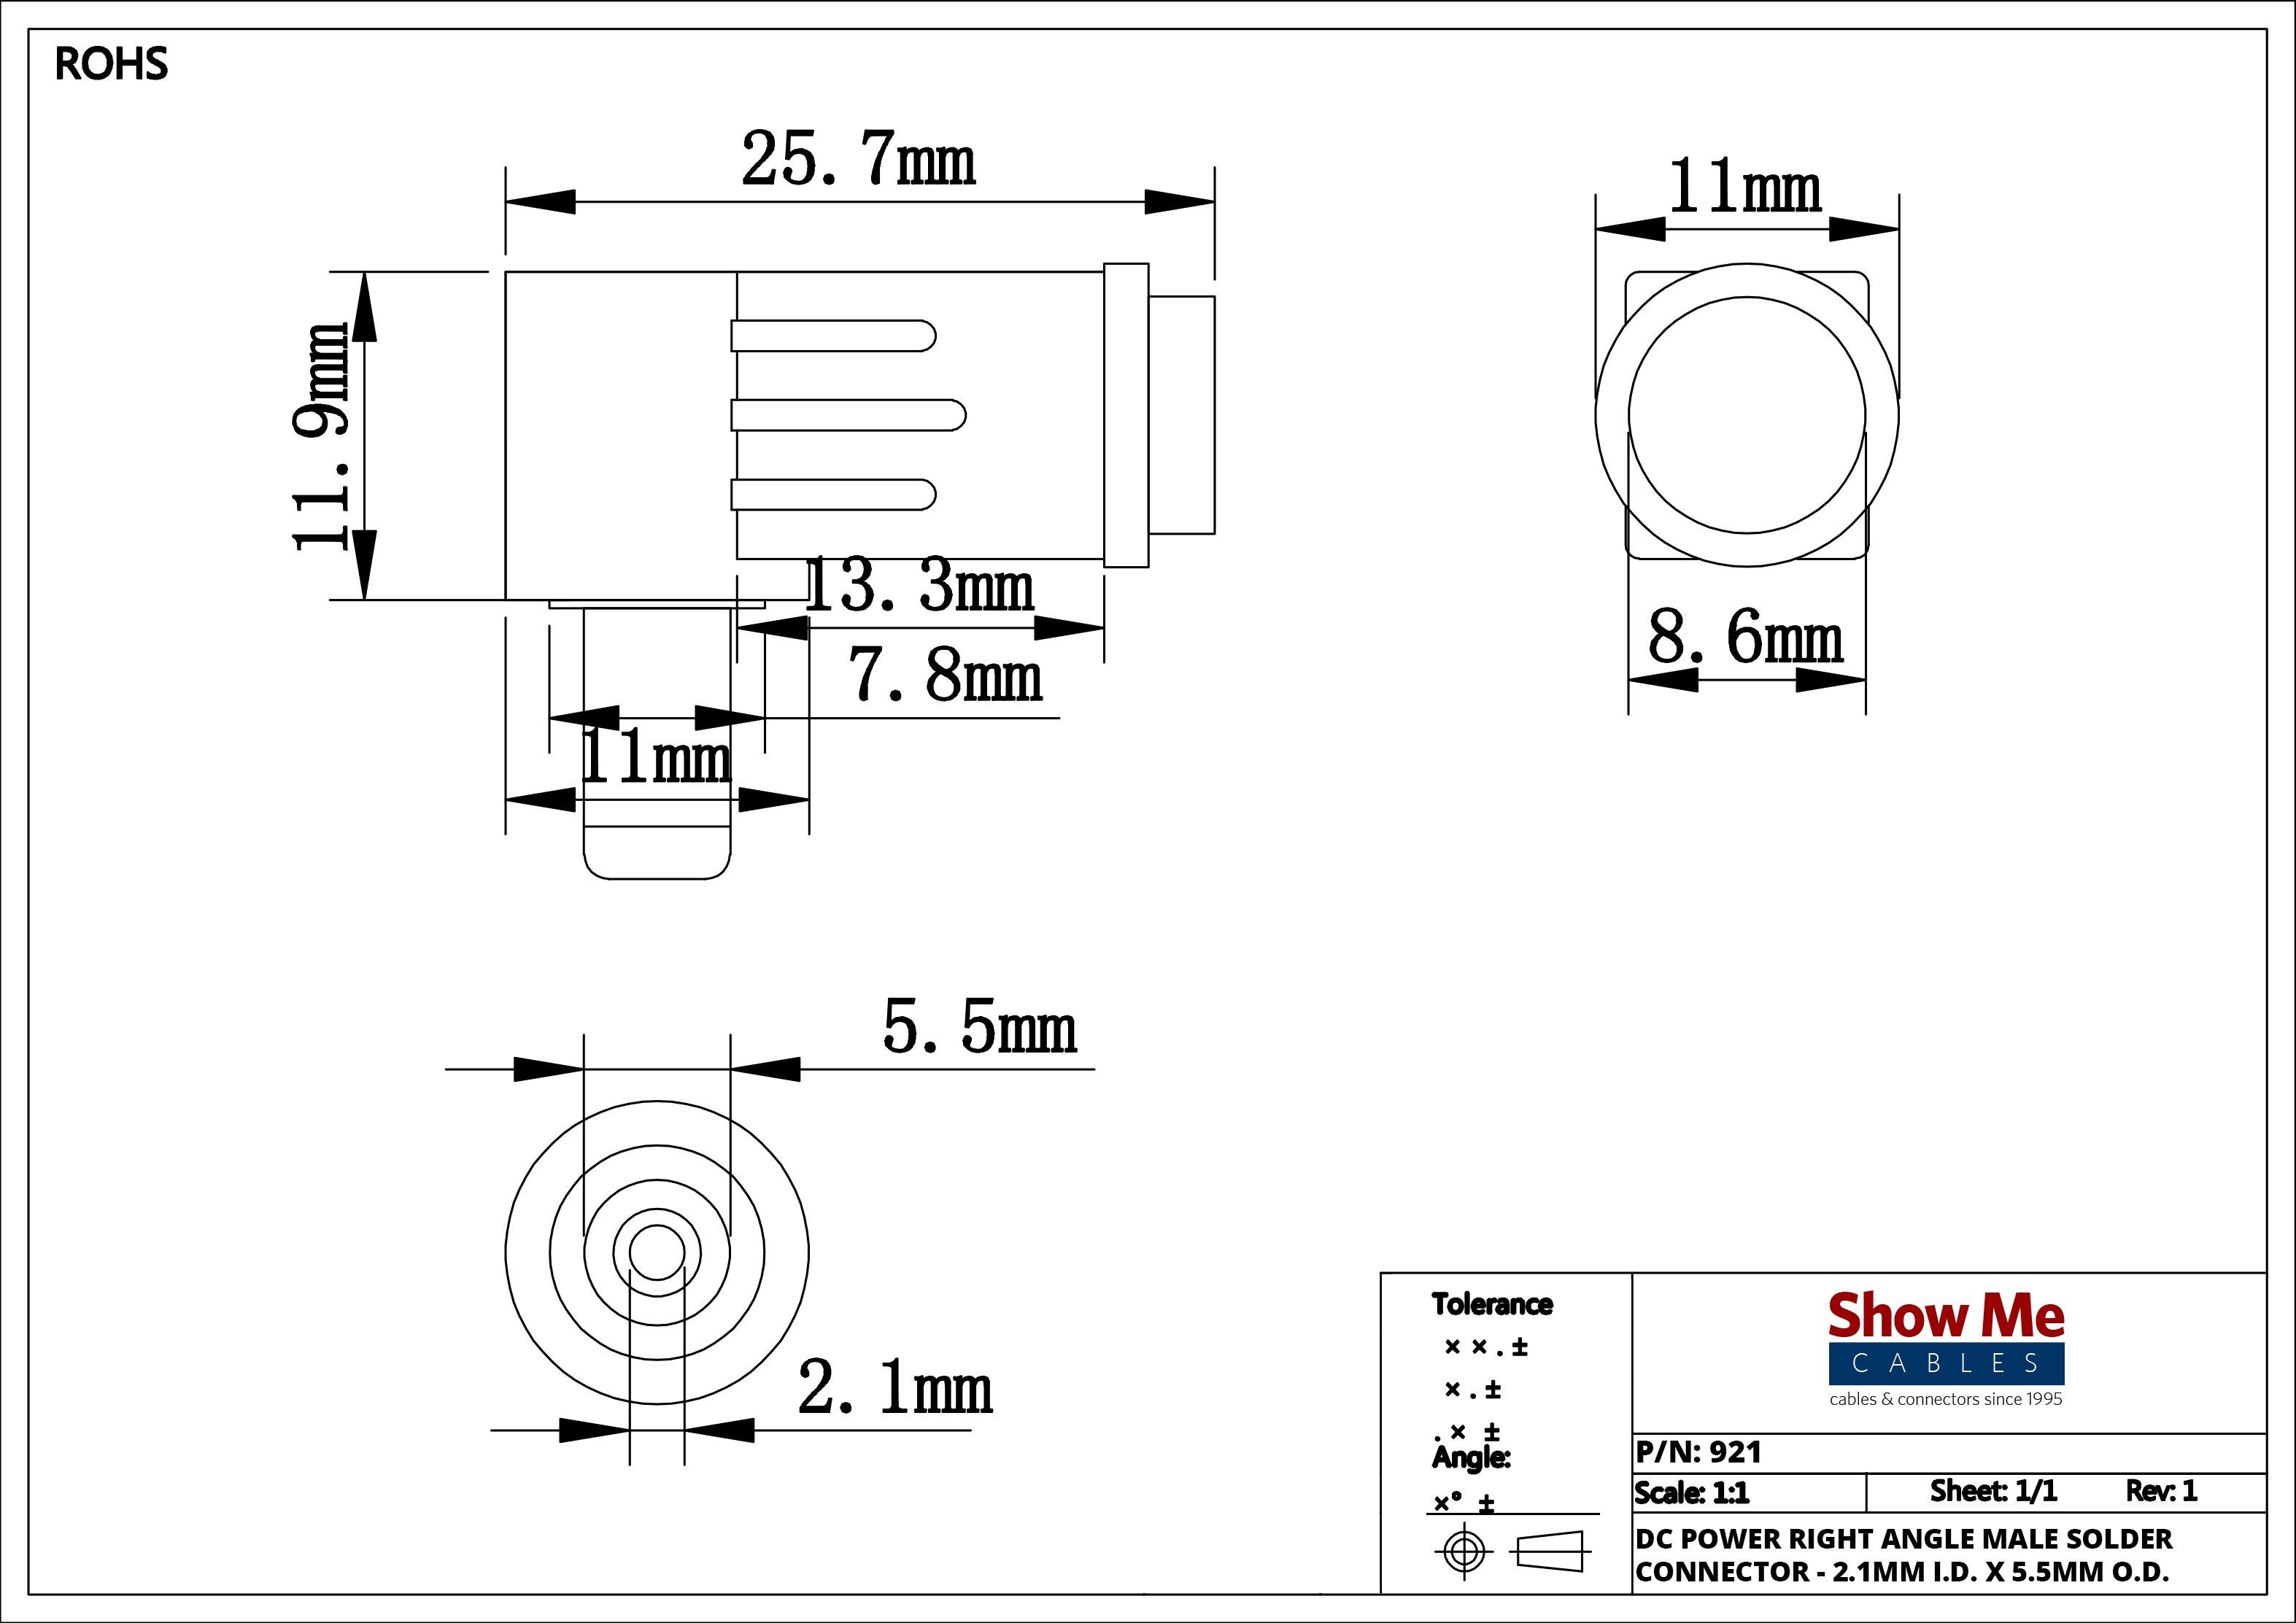 Free Wiring Diagrams Fresh Home Speaker Wiring Diagram Gallery